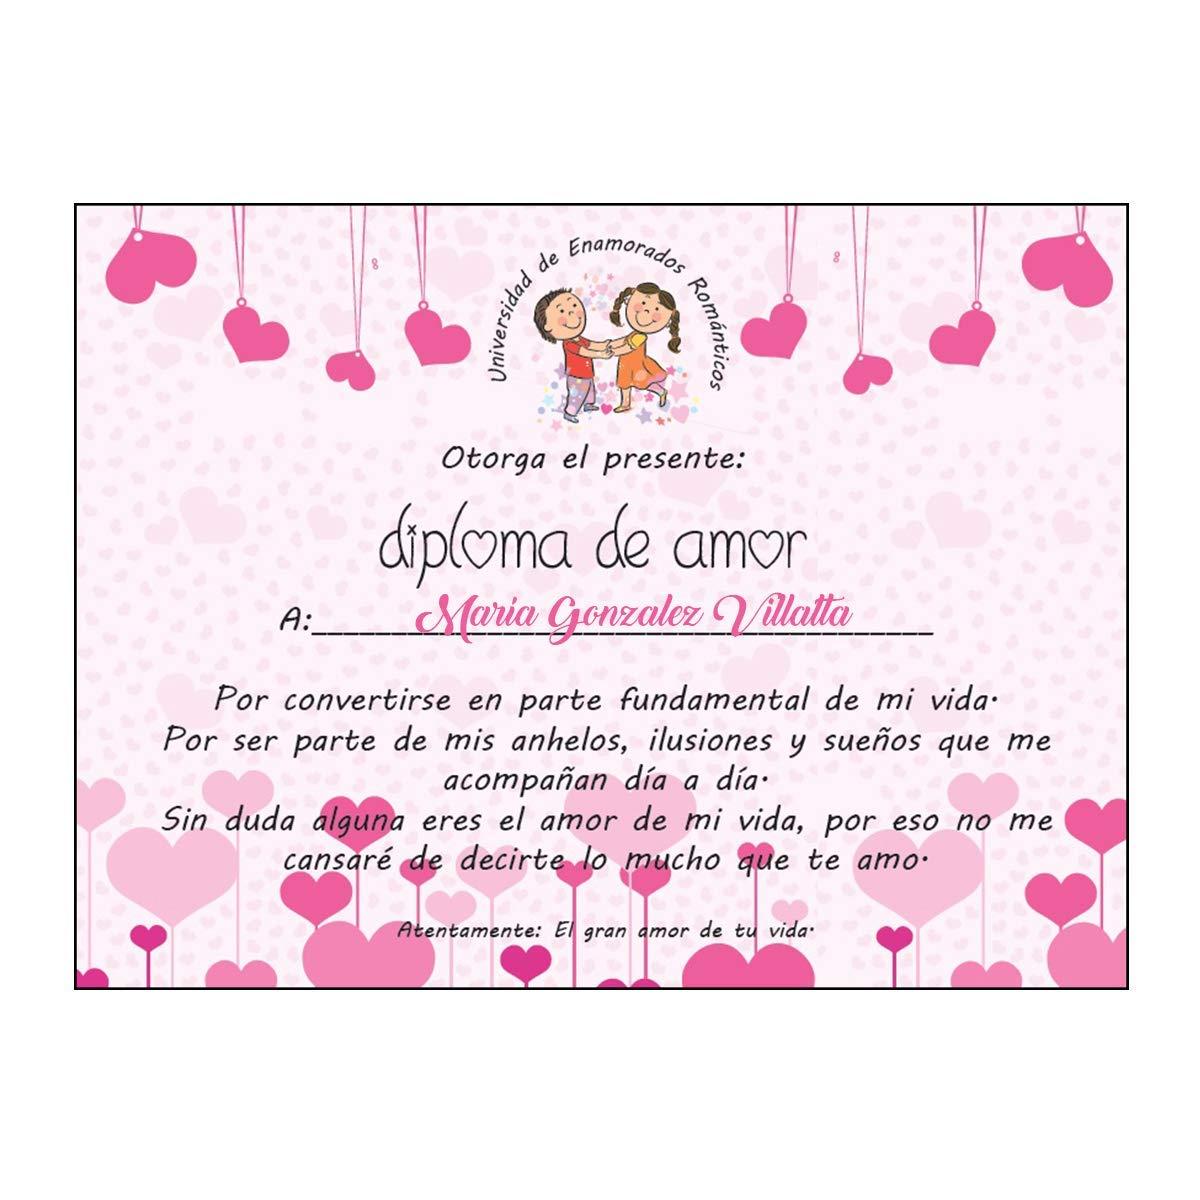 Kembilove Diploma Pareja Personalizado - Diploma de Amor Personalizado con Nombre - Regalo Original para Aniversarios, Cumpleaños, San Valentín, Navidad